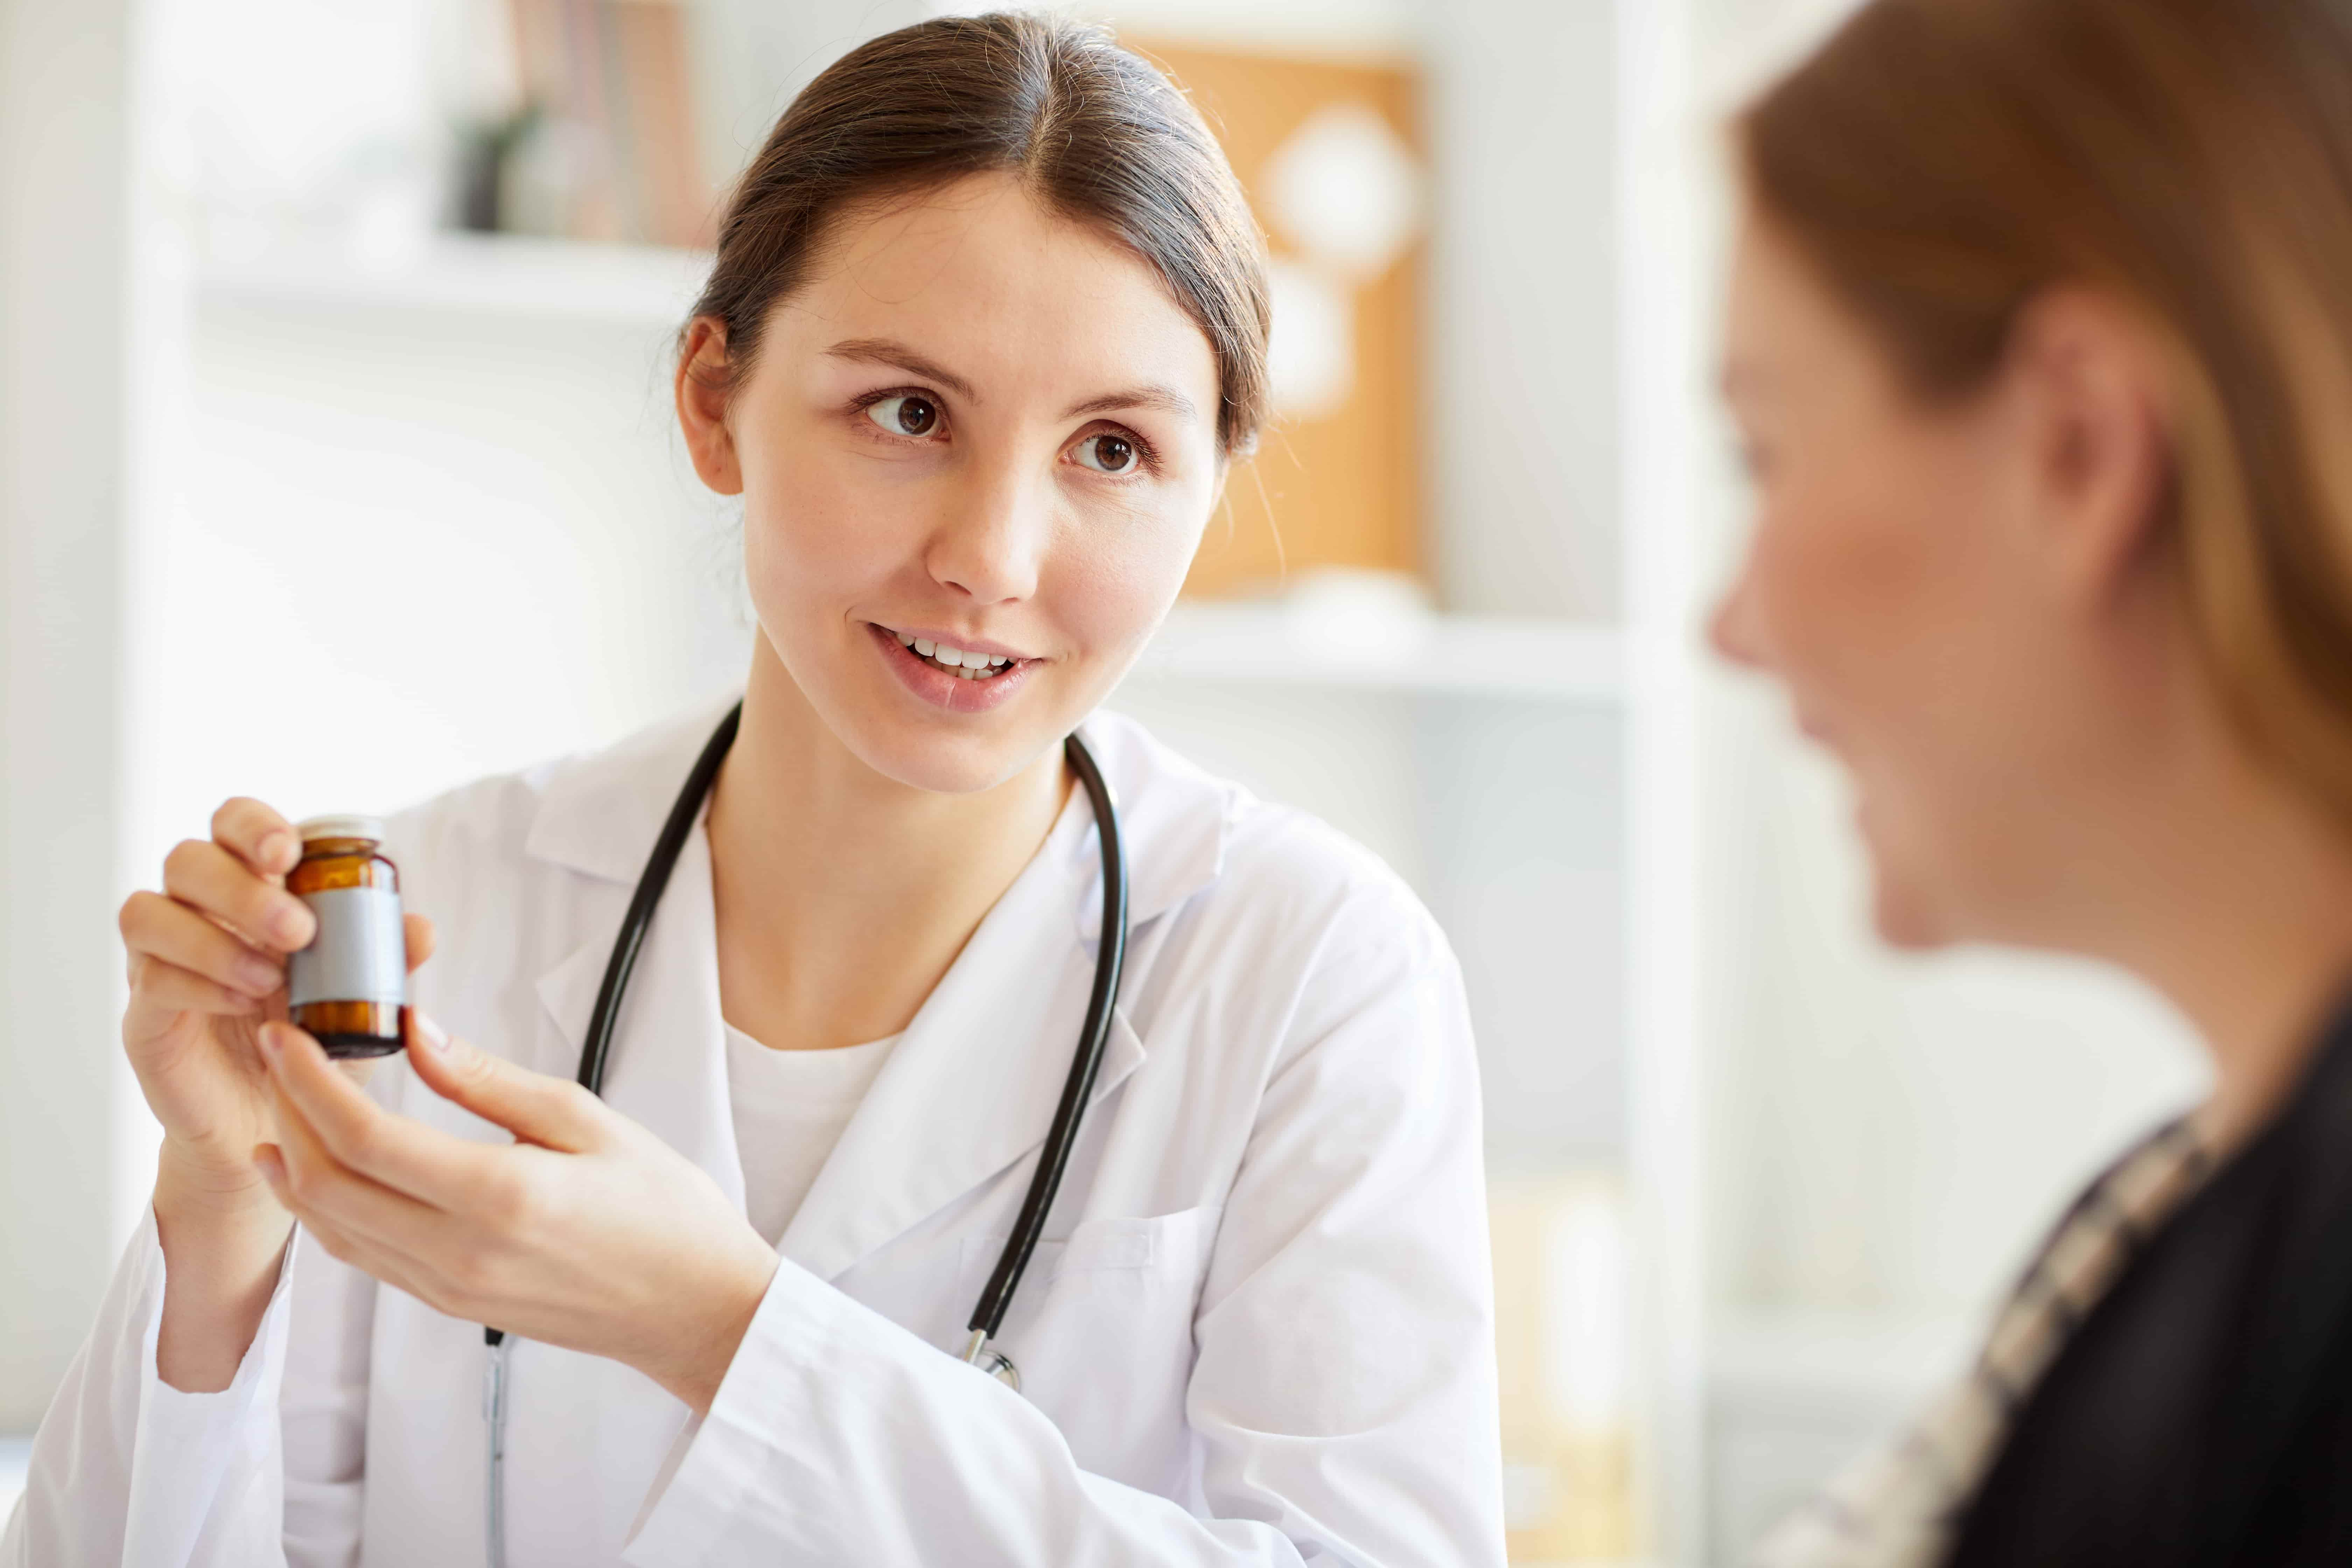 Витамины для женщин при беременности. Нужно ли их пить